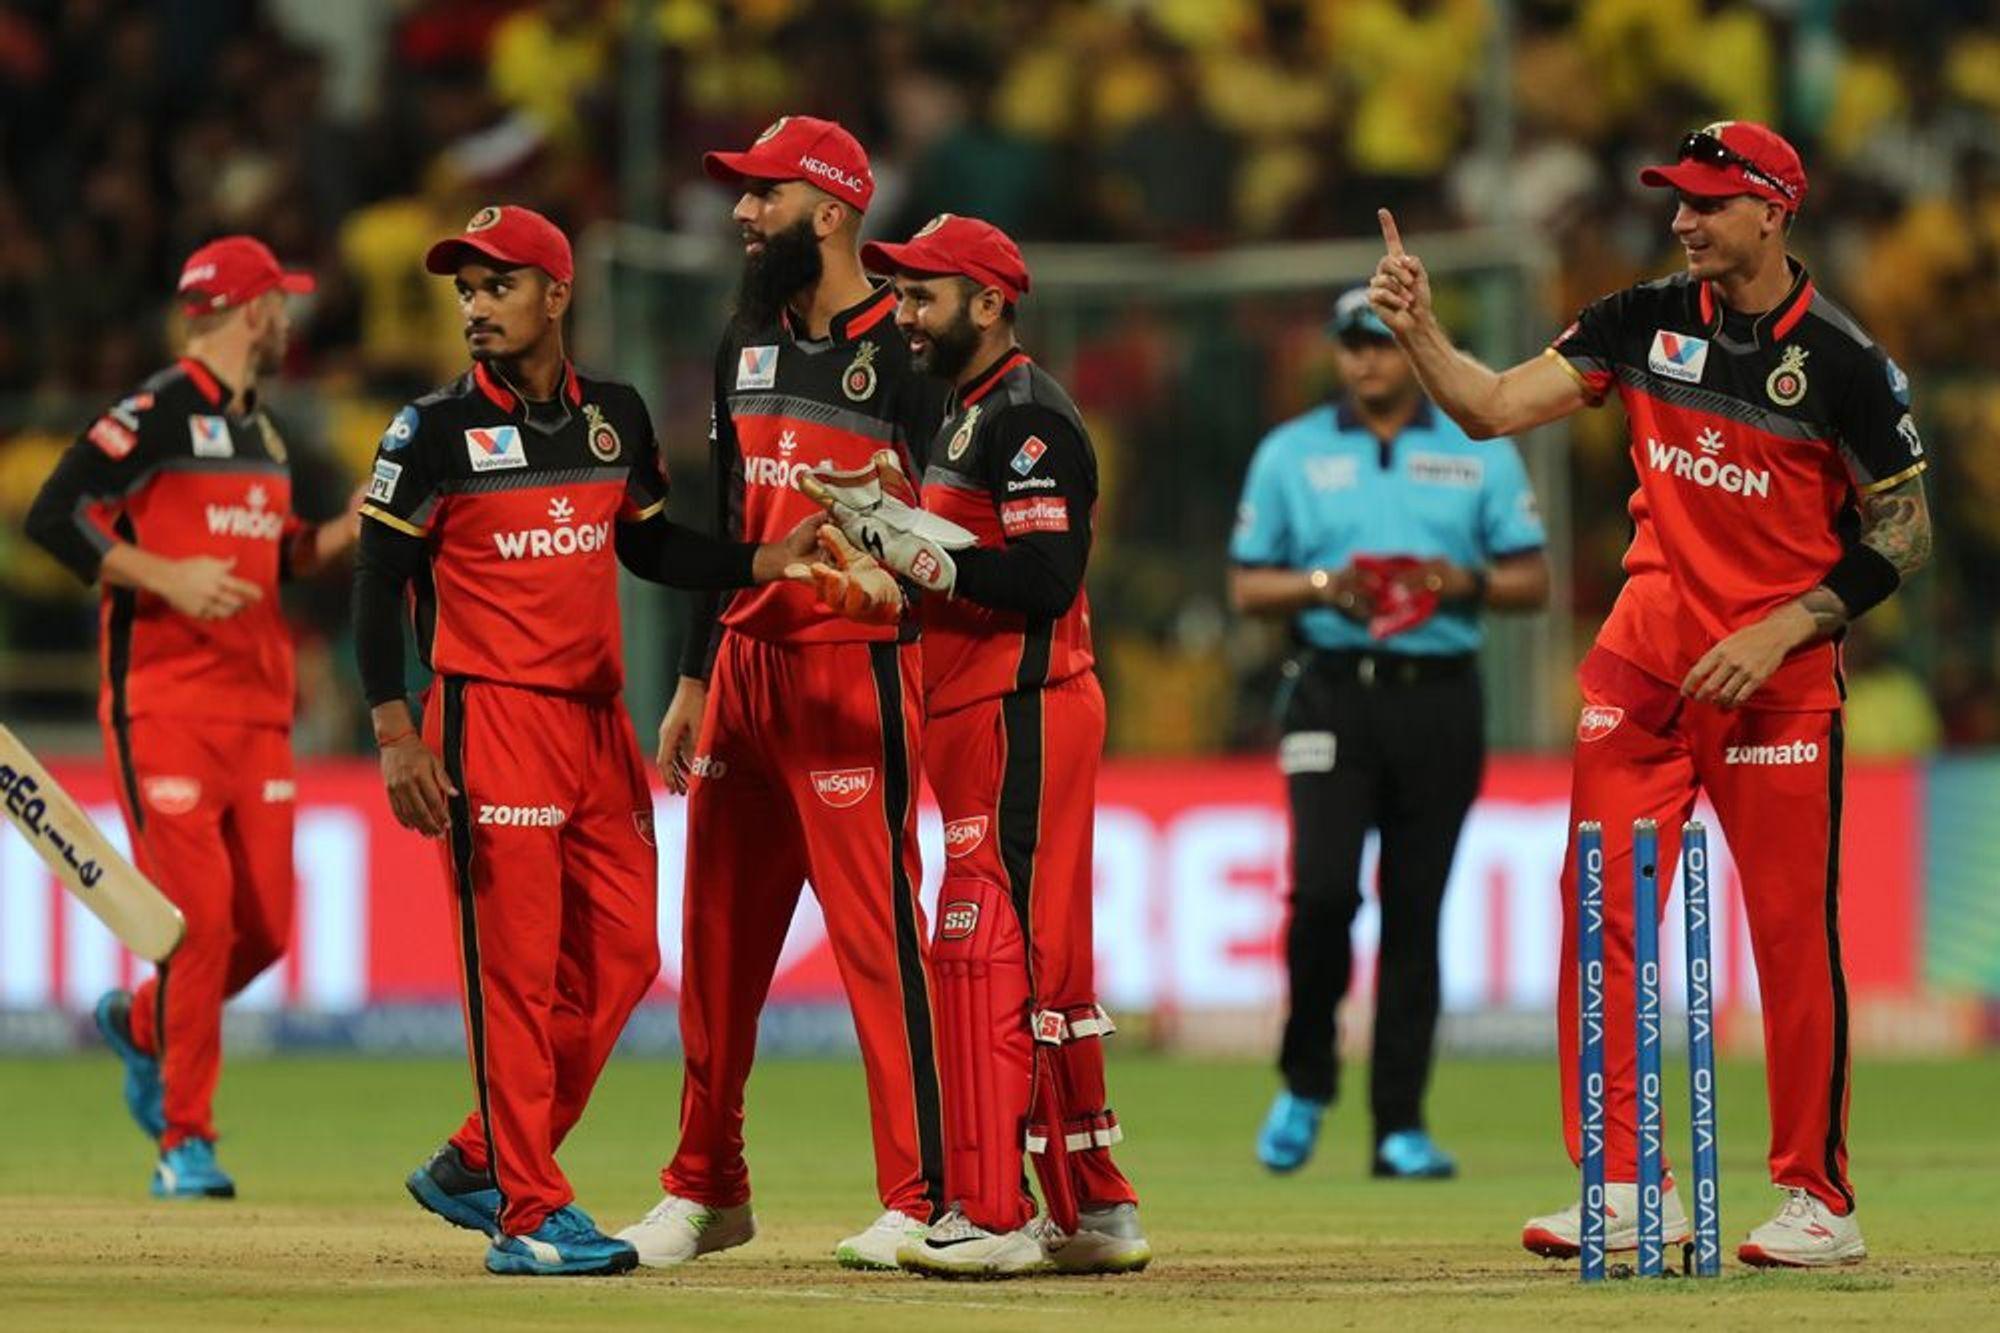 WATCH : एक रन से मैच जीतने के बाद पार्थिव पटेल को गोदी में उठा कर घूमें मोहम्मद सिराज 3